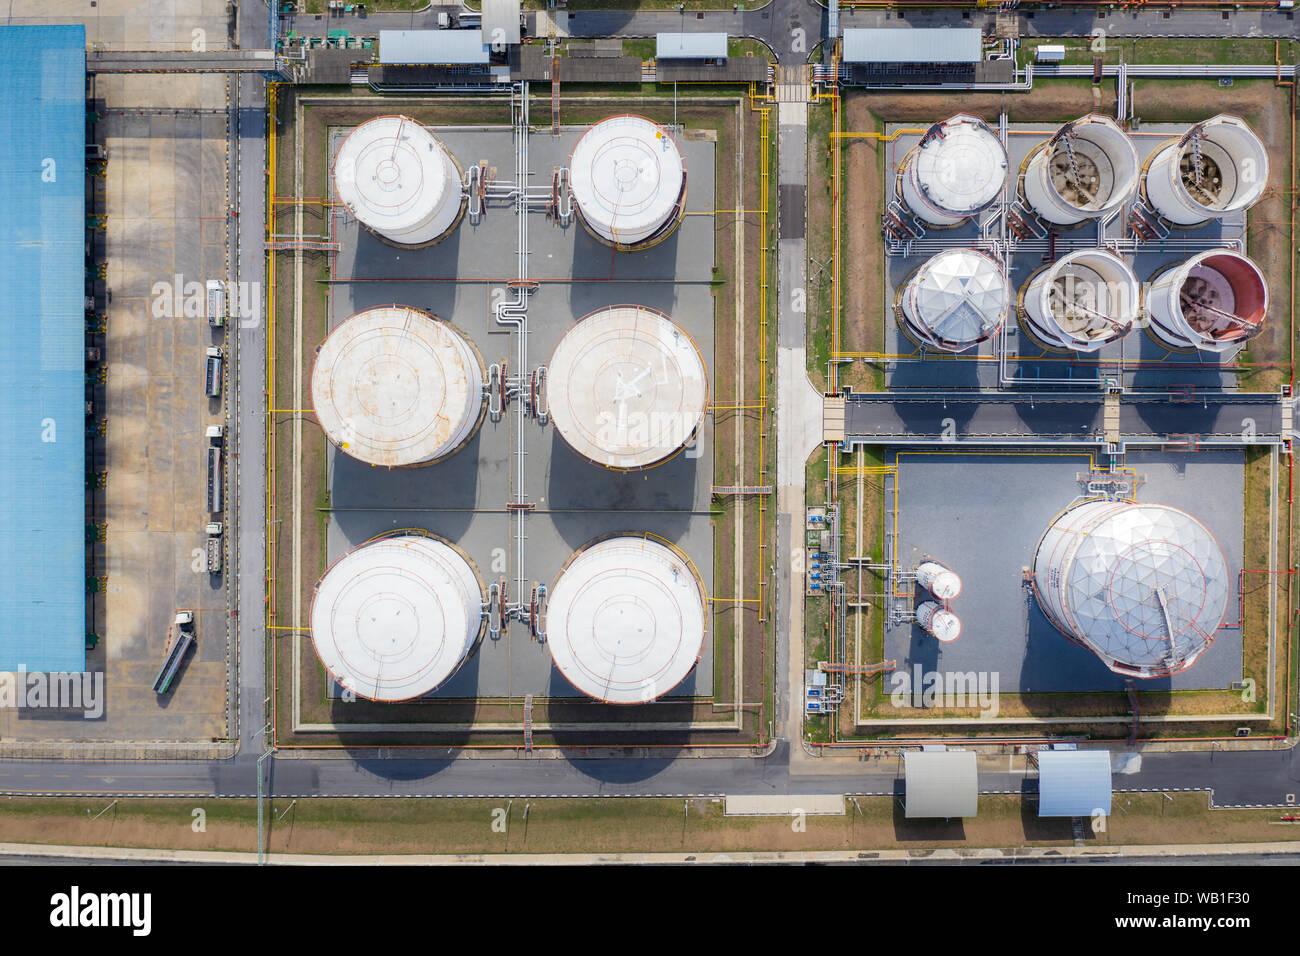 Vue aérienne de l'industrie chimique de réservoir de stockage et un camion-citerne dans wailting dans l'industrie de l'huile pour transférer à la station de gaz. Banque D'Images